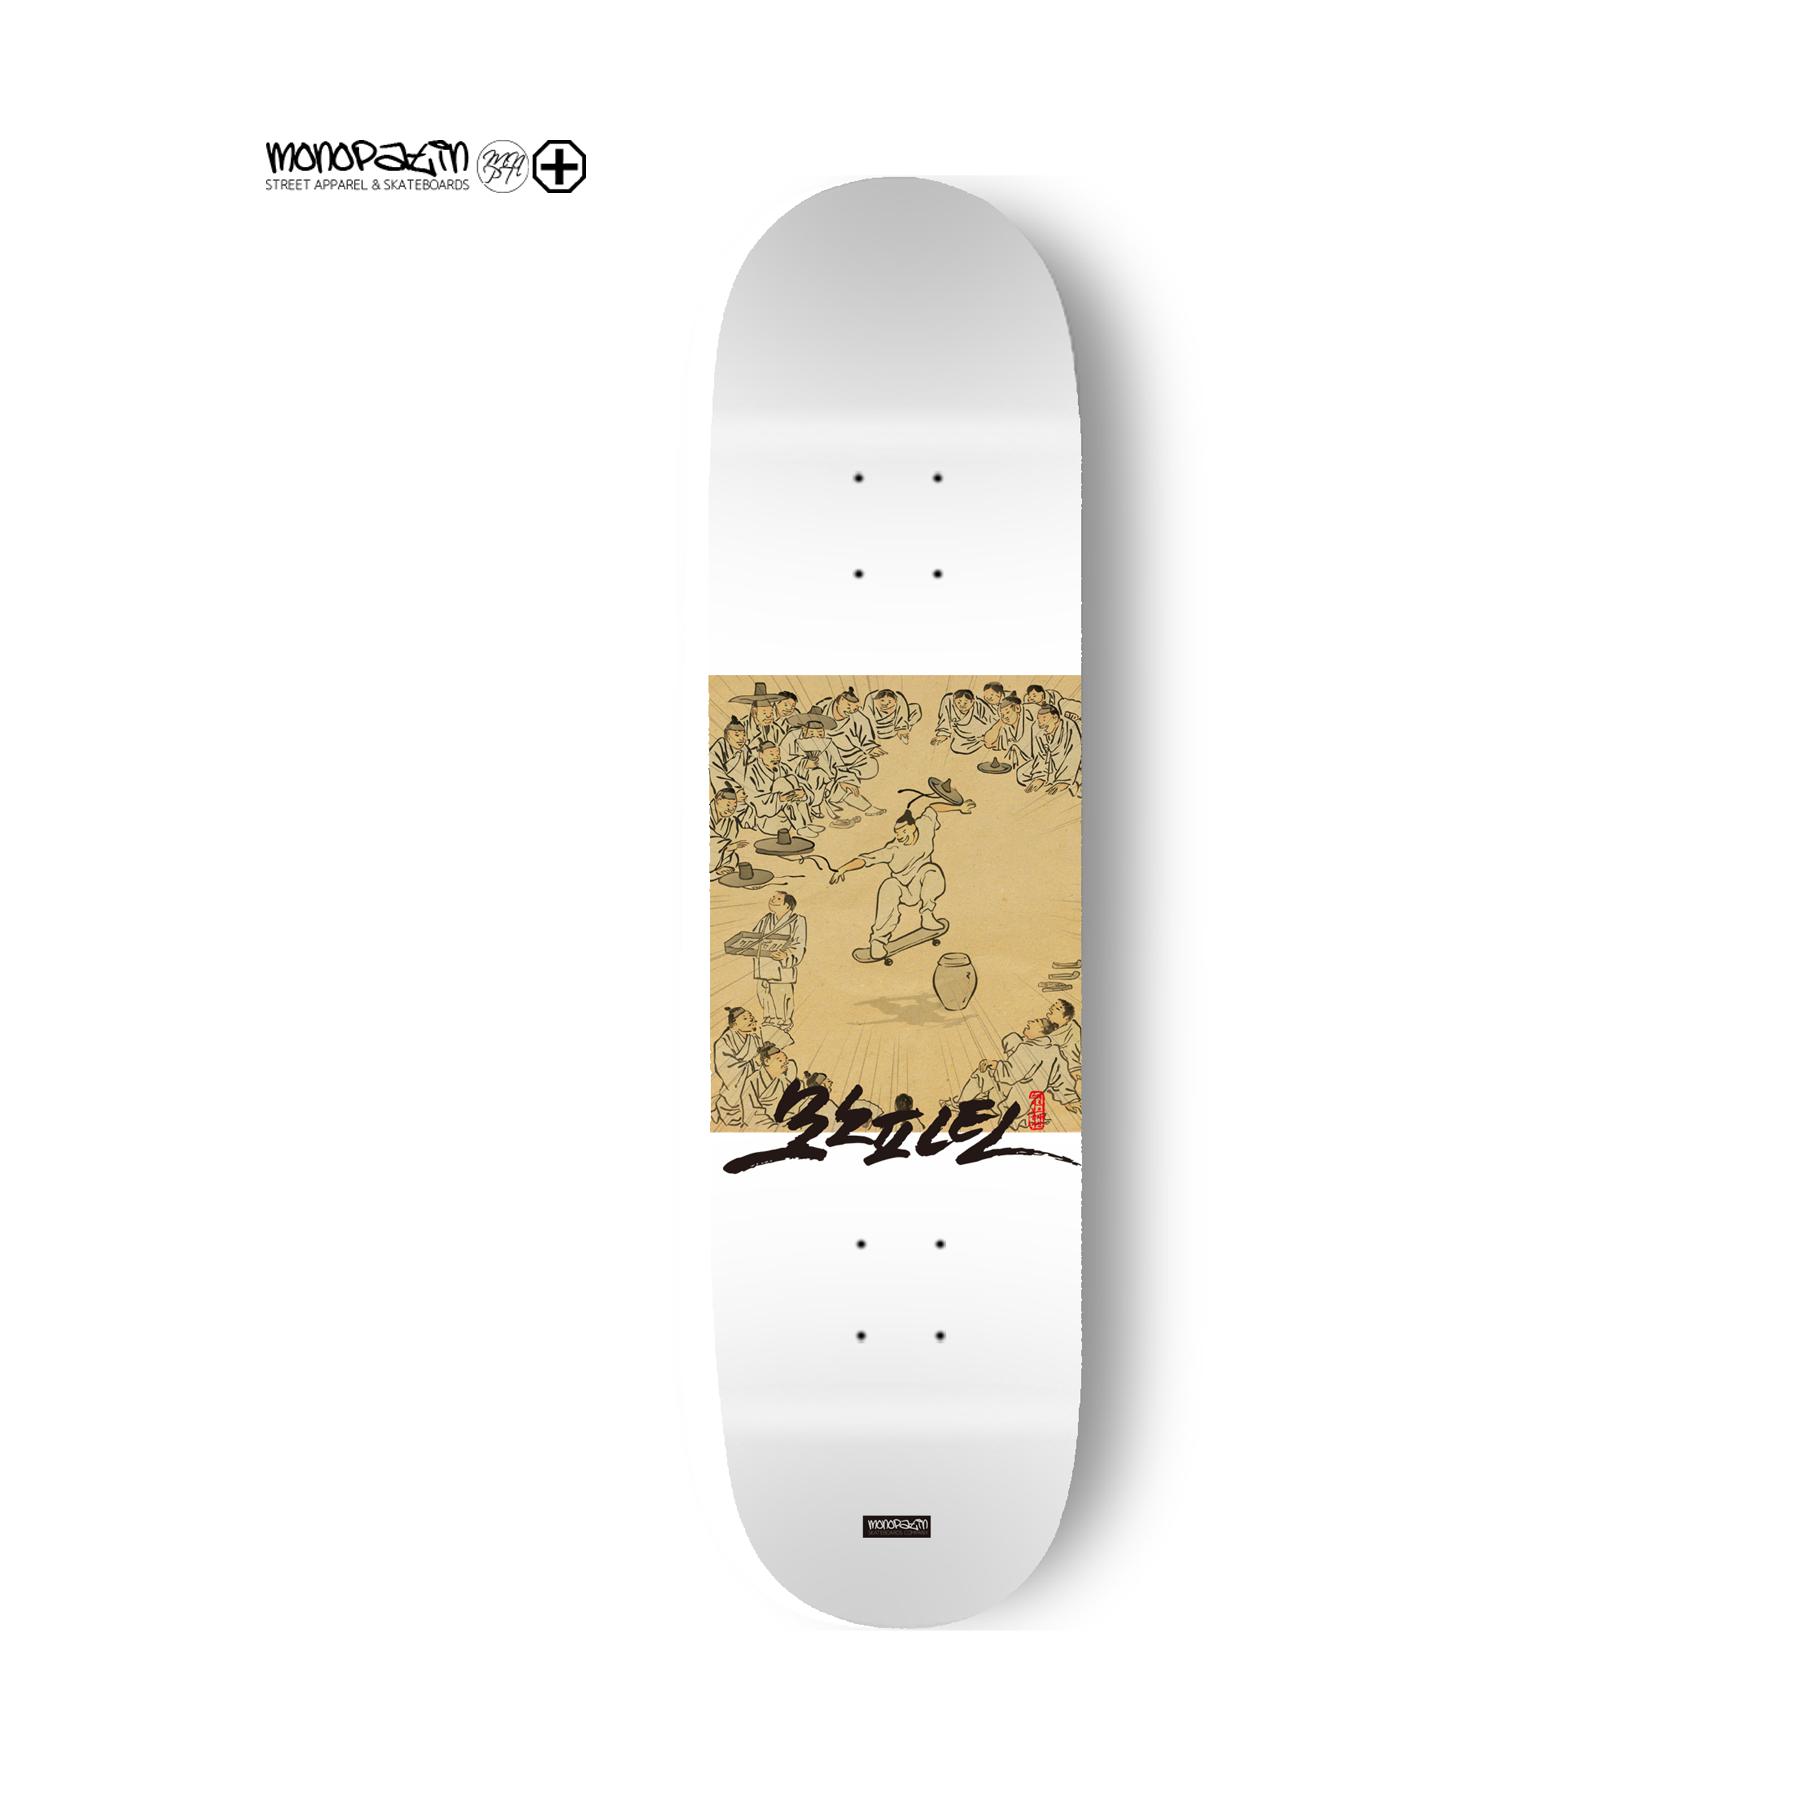 kim hong do - ollie white skateboard deck